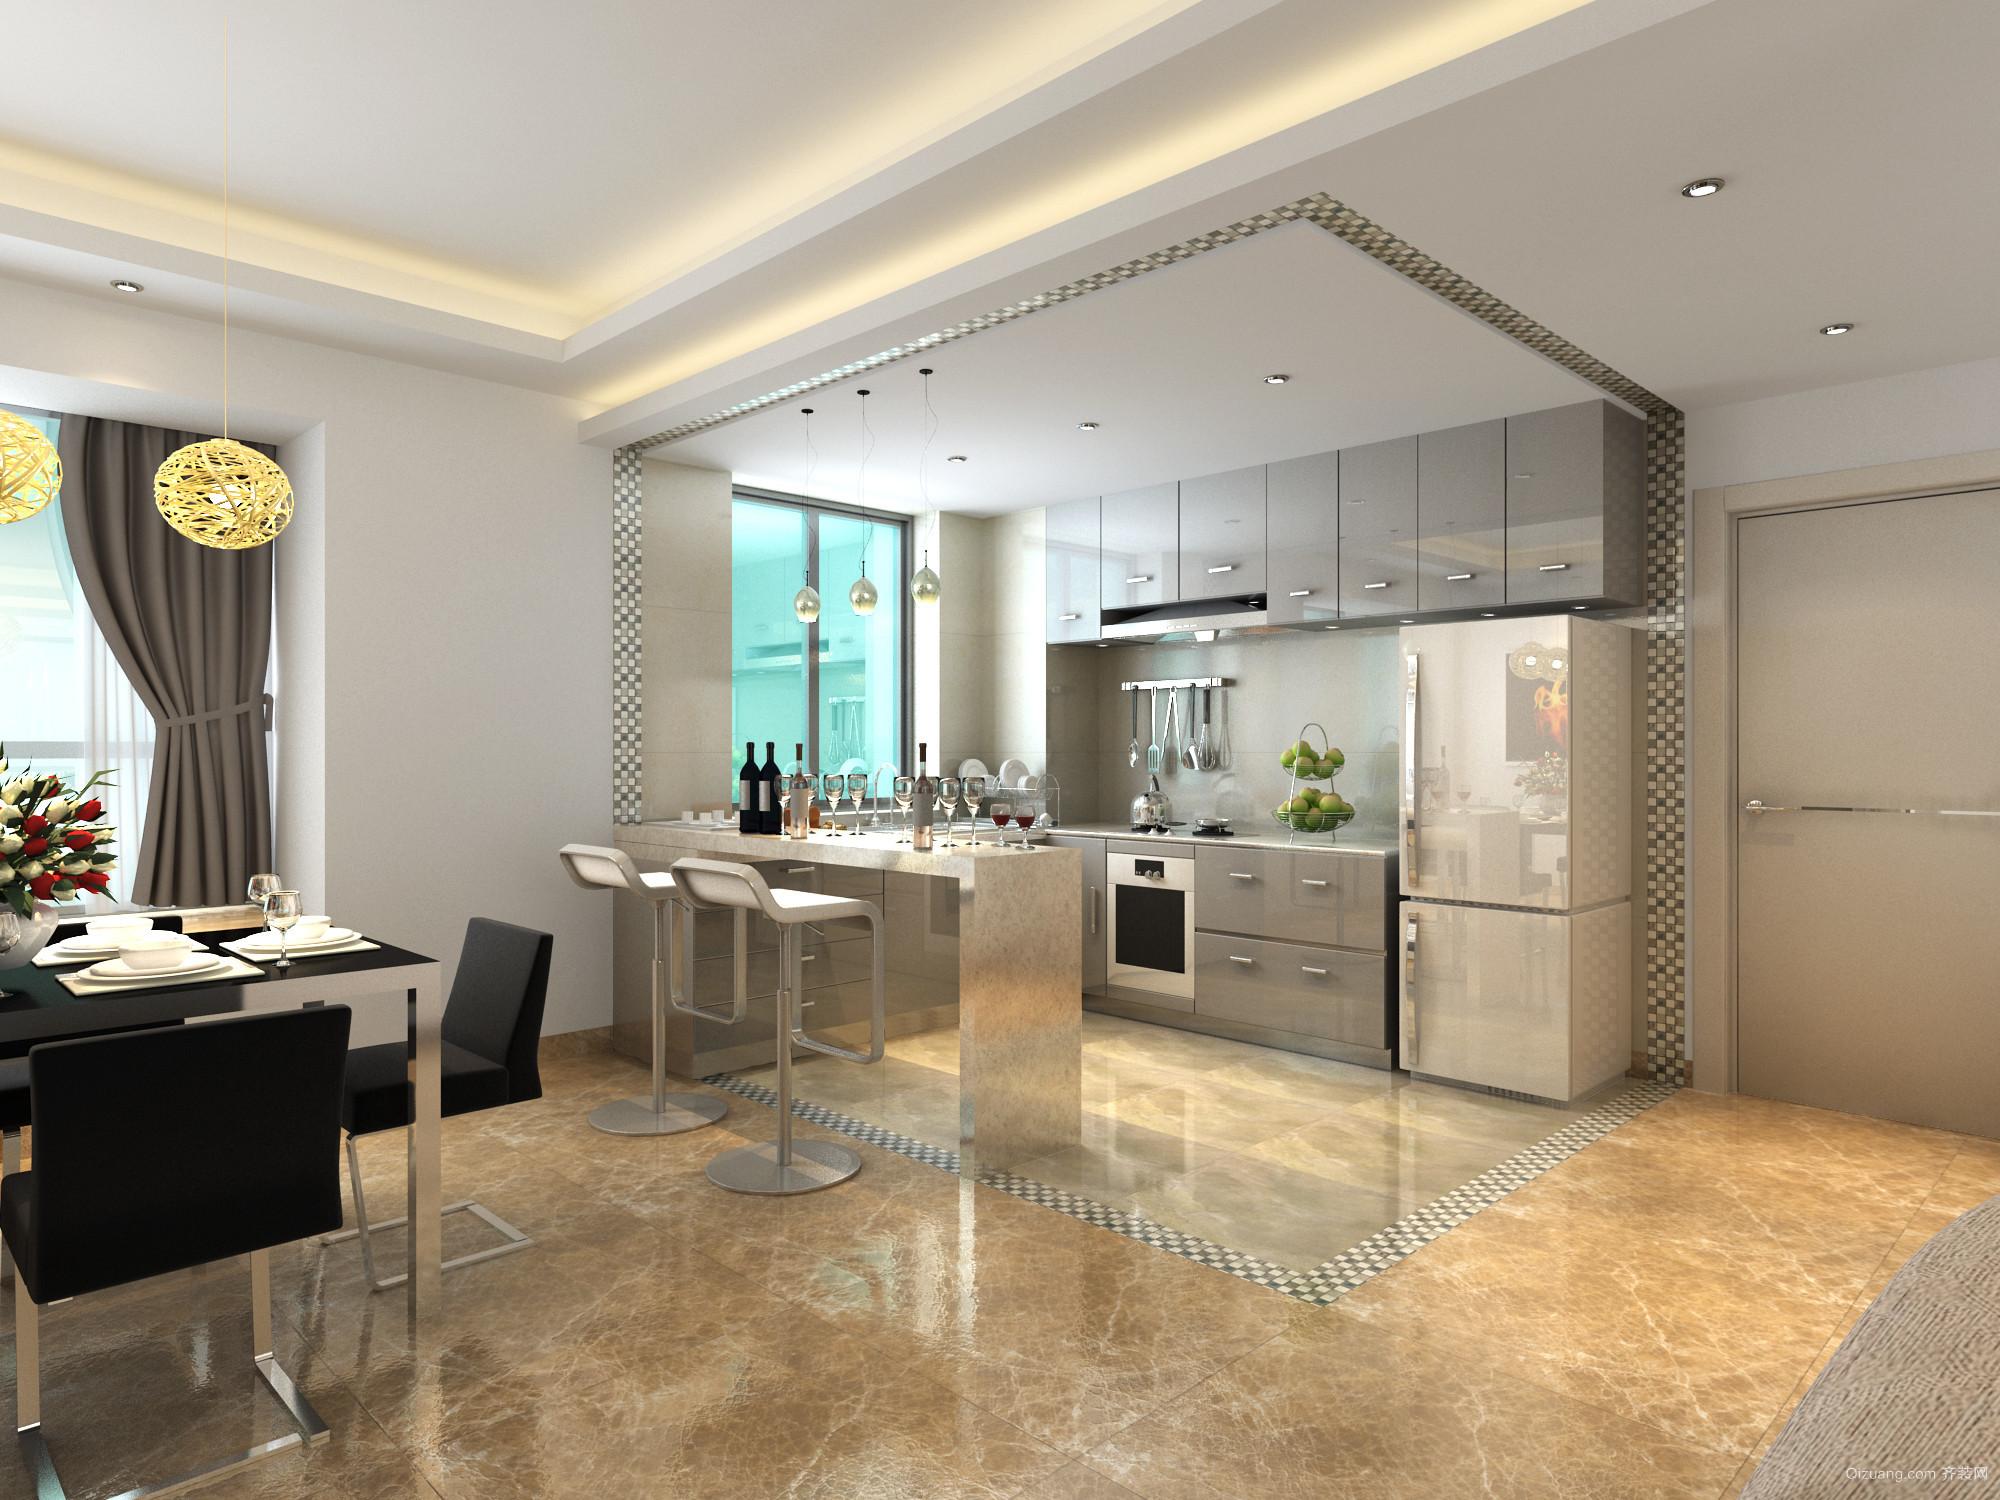 都市公寓开放式小厨房装修设计效果图